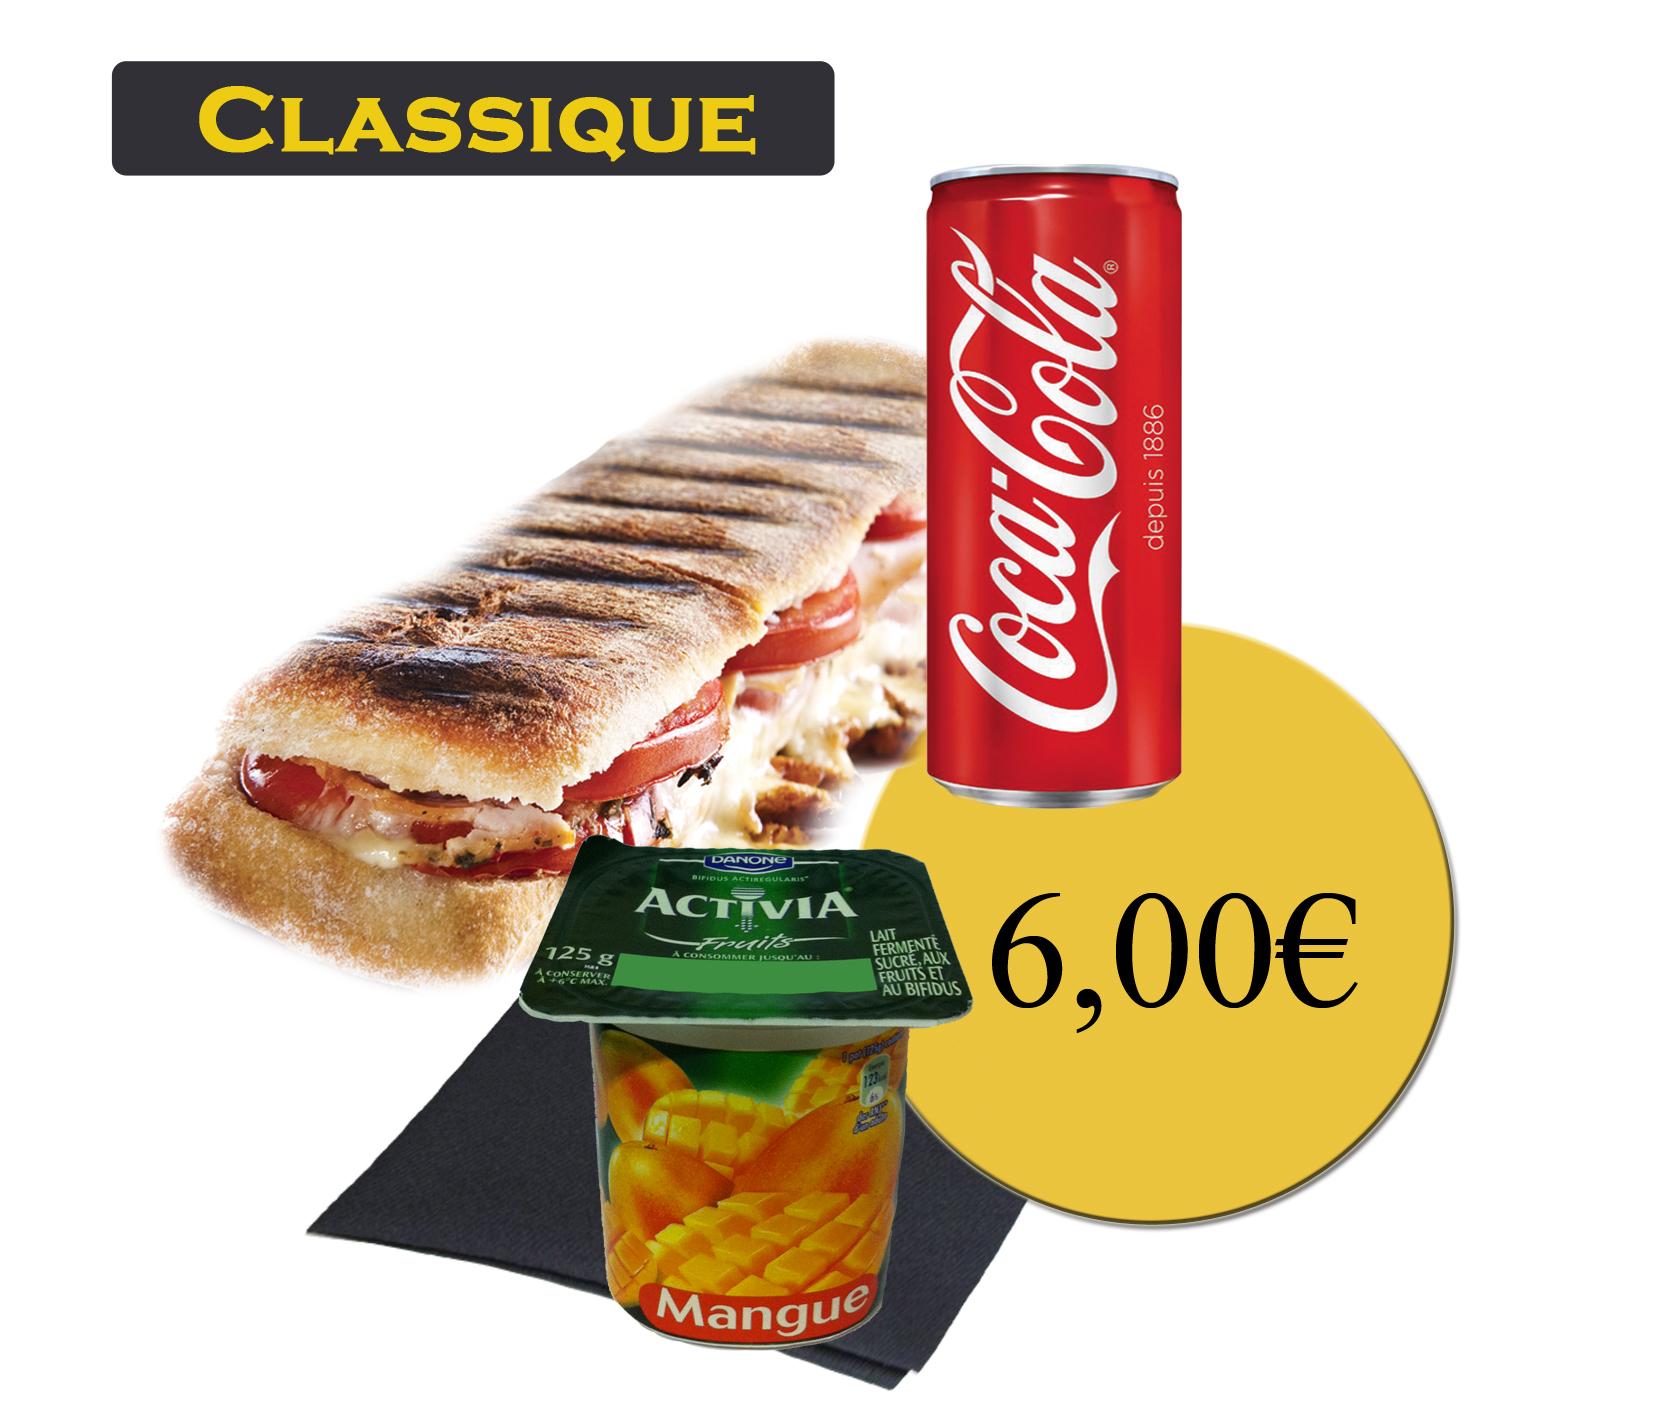 formule classique avec panini et boisson 33cl